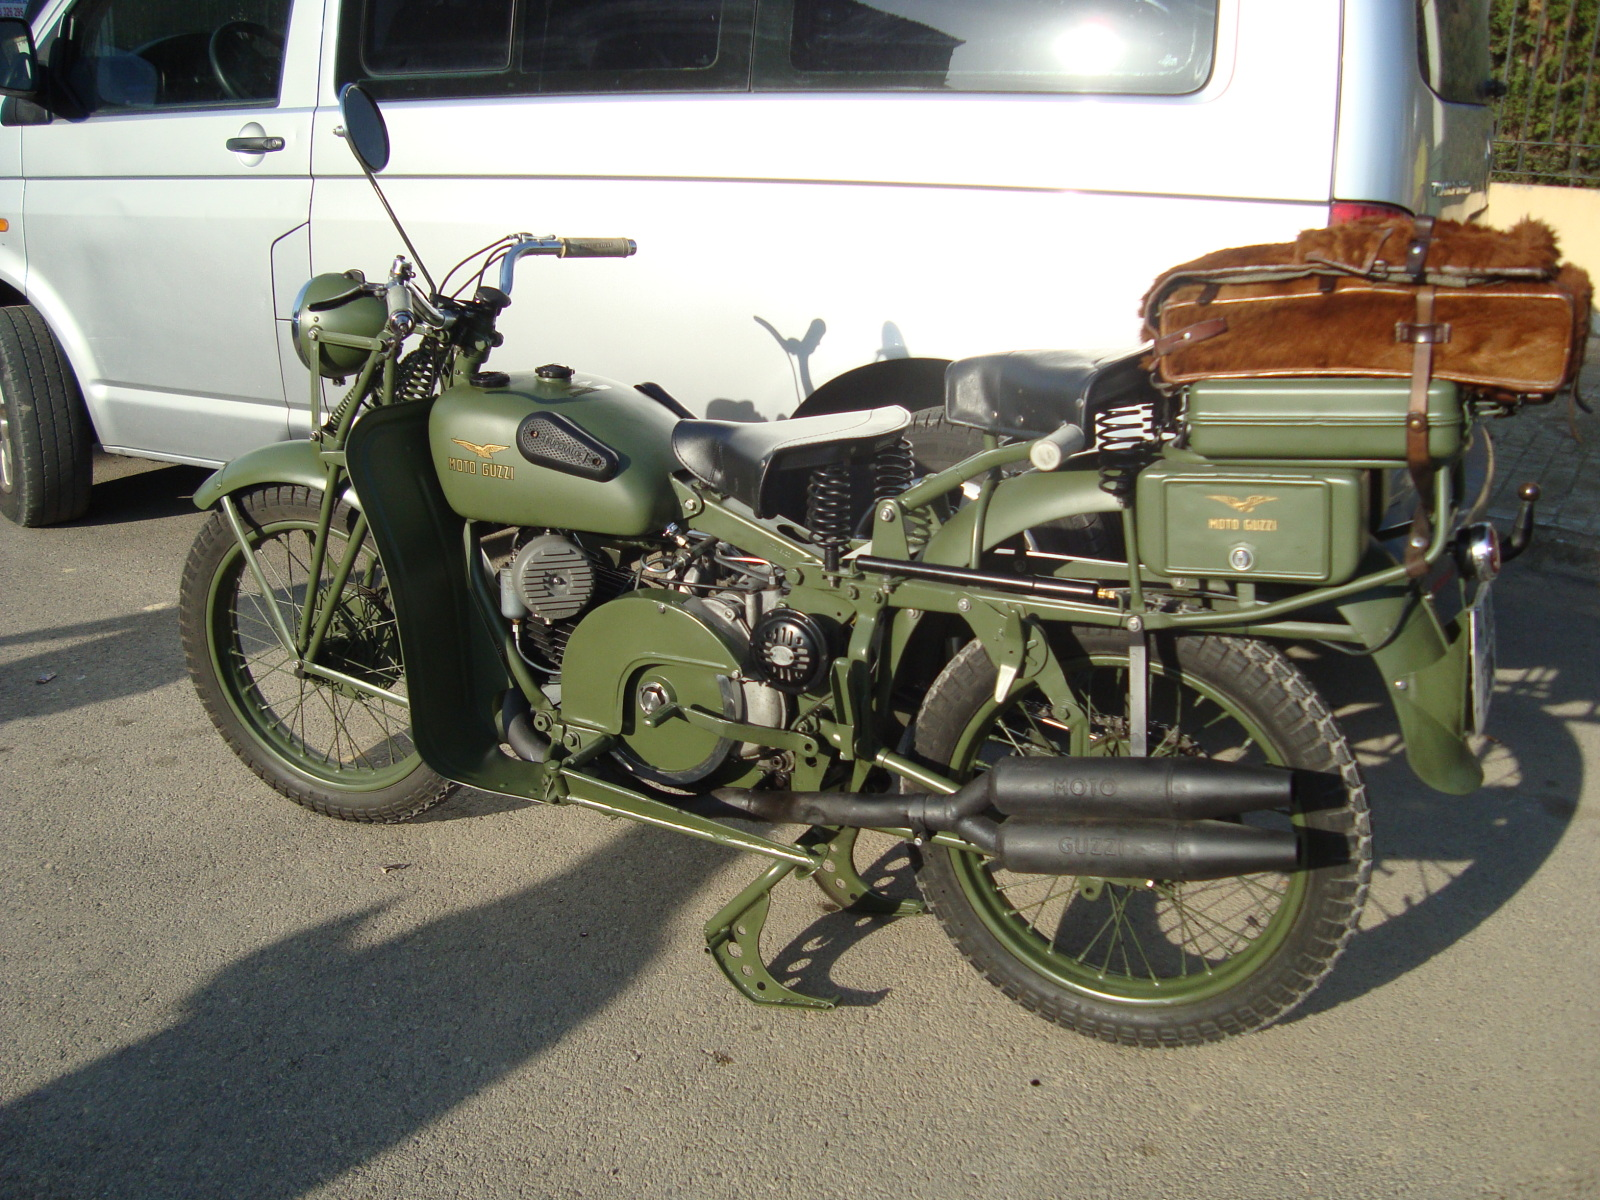 XI concentracion de motos antiguas en Alberuela de tubo (Huesca) 2igk6tw